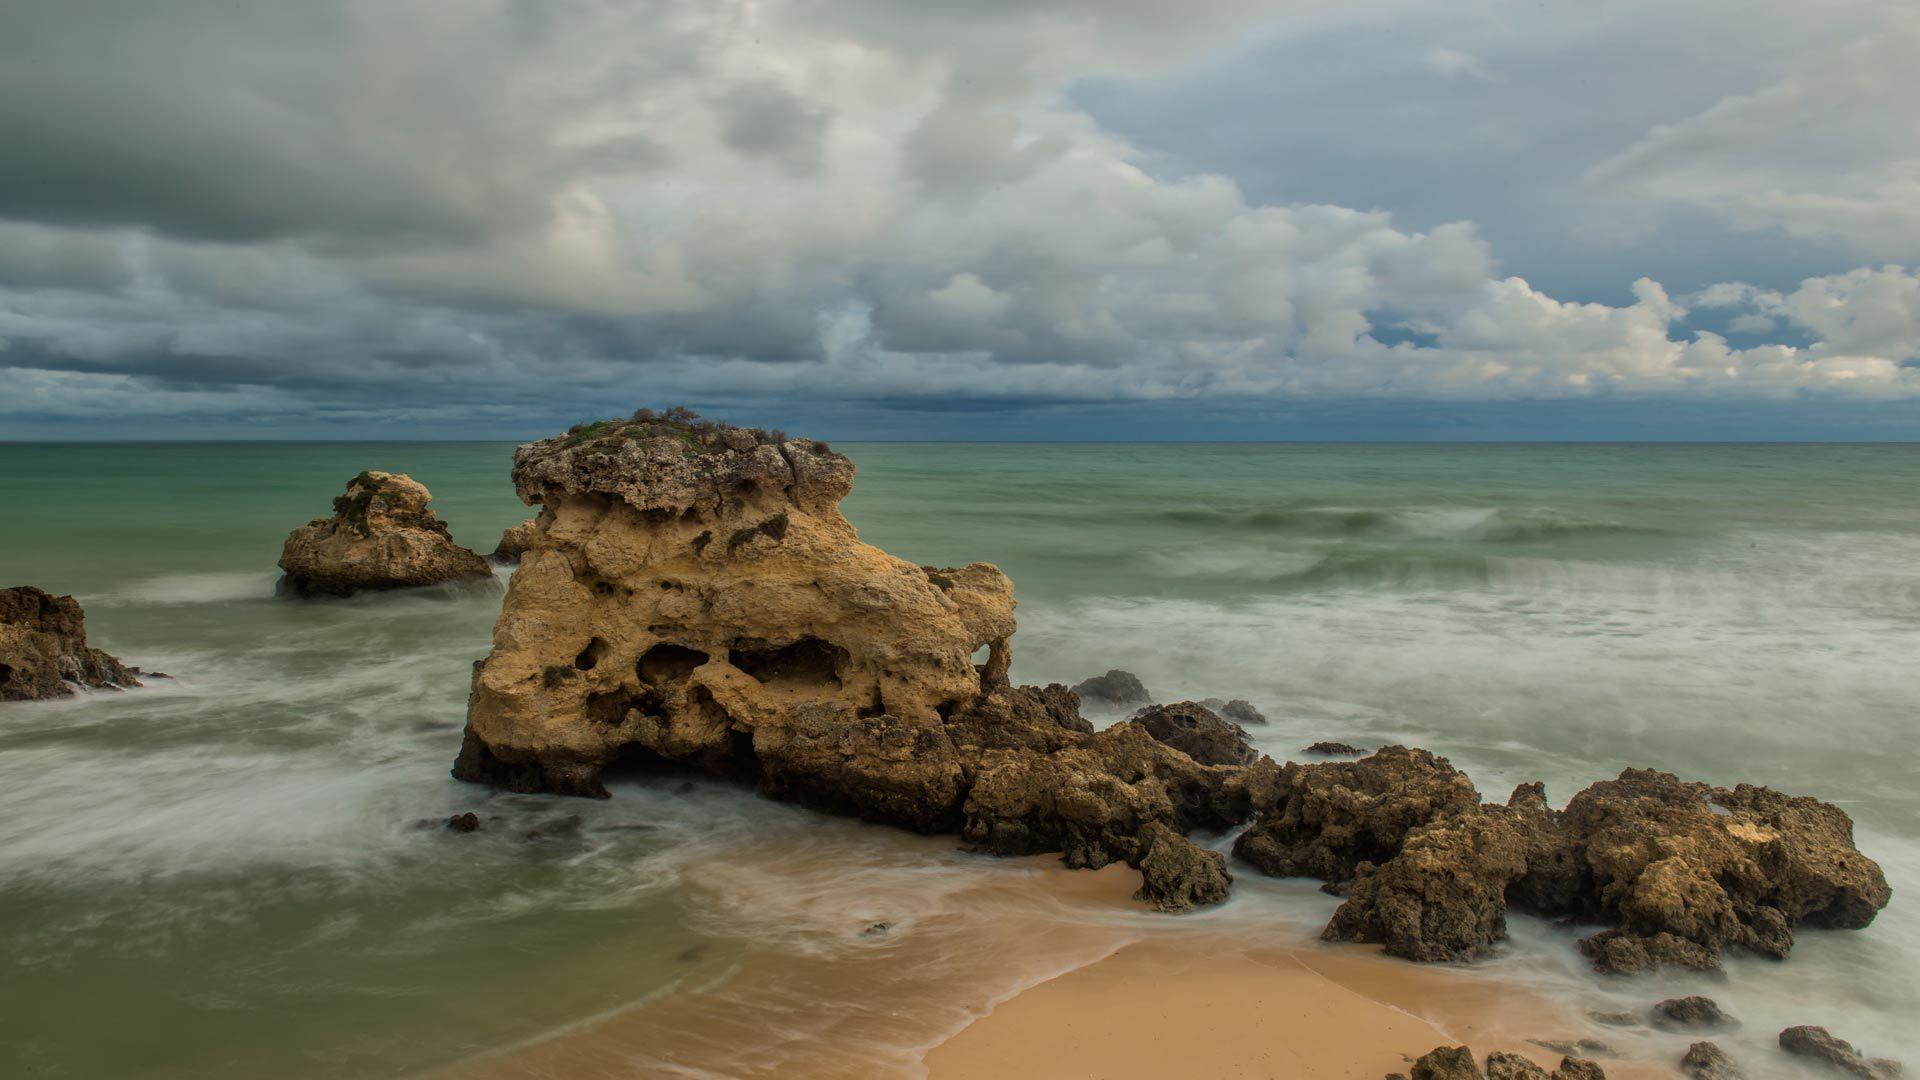 Lluvia  en  el Atlántico  (Portugal)